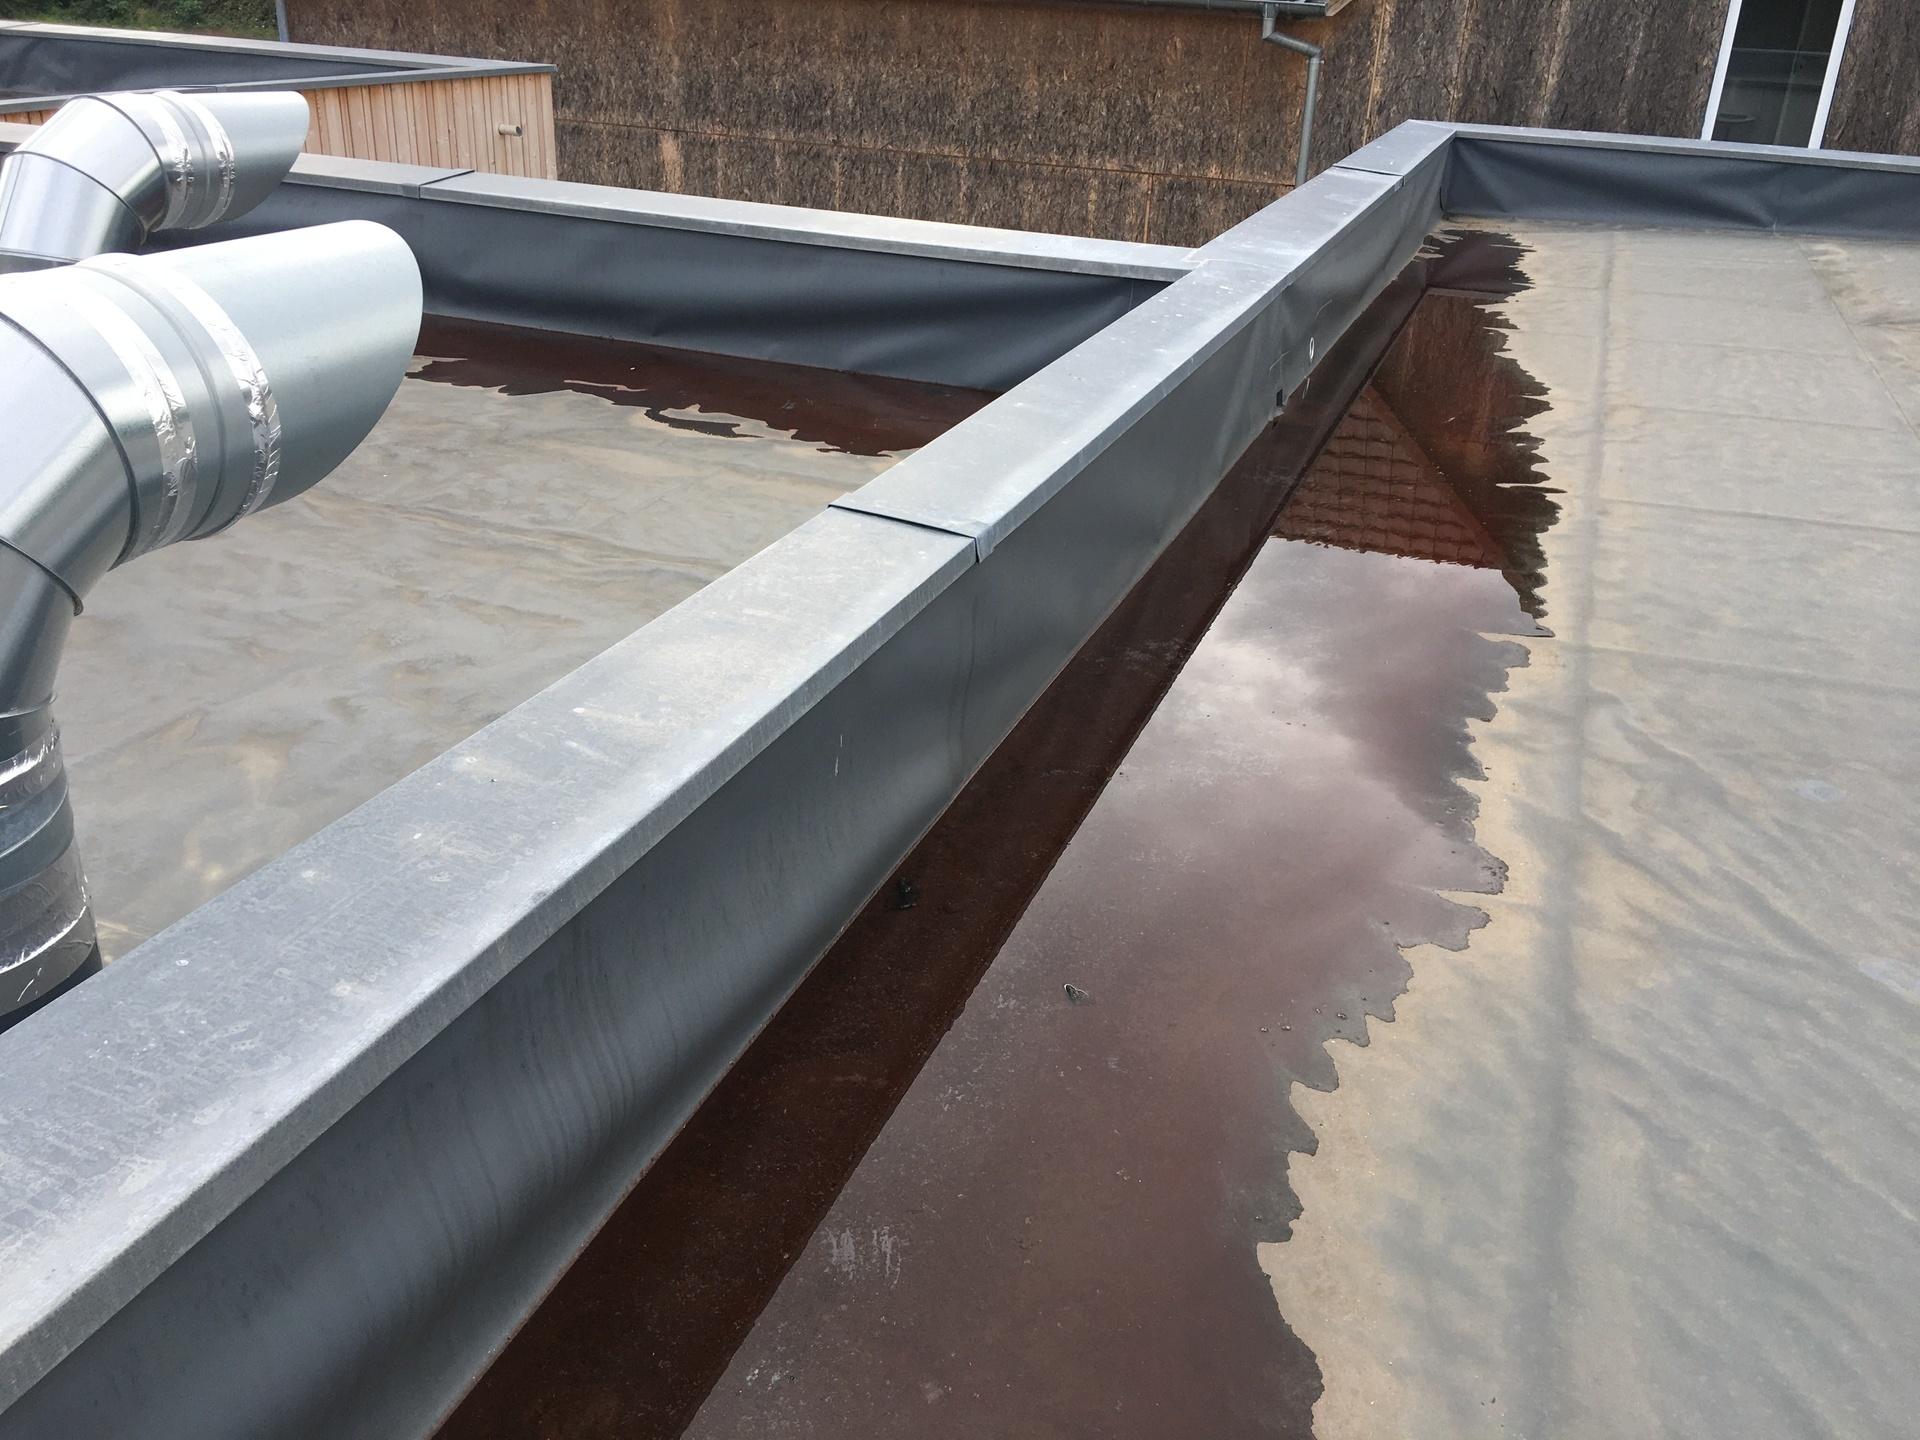 Maison à ossature bois: présence de stagnations d'eau en bas de pente